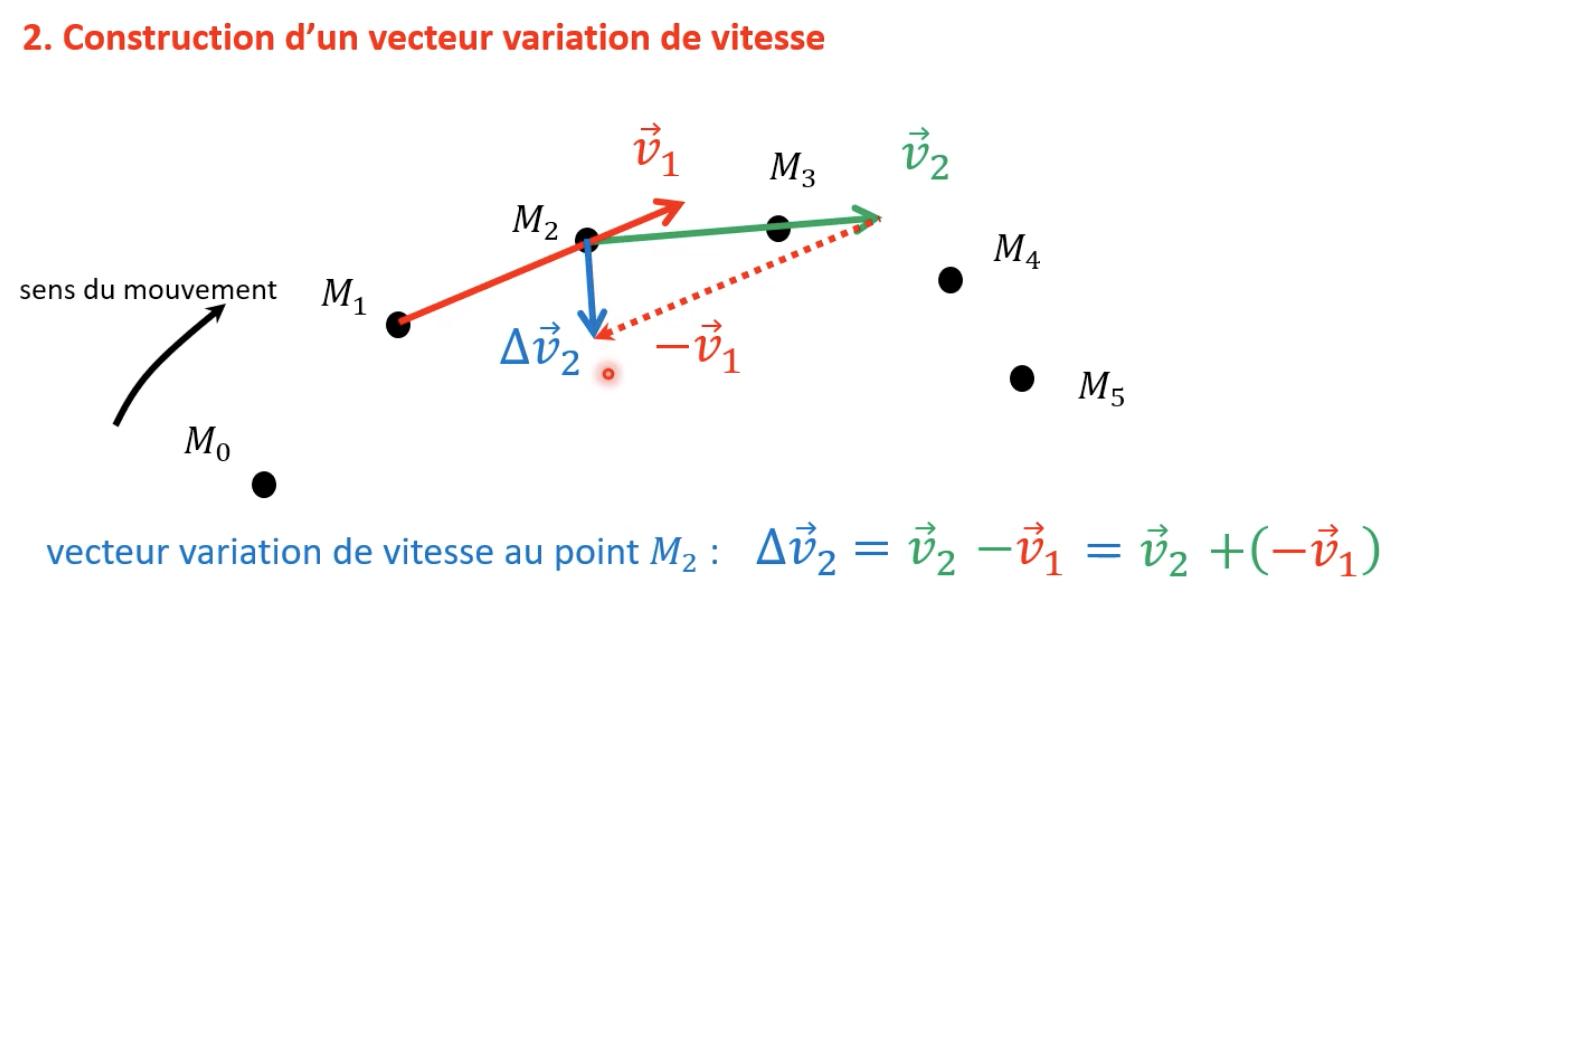 Construire les vecteurs vitesse et variation de vitesse (vidéo)